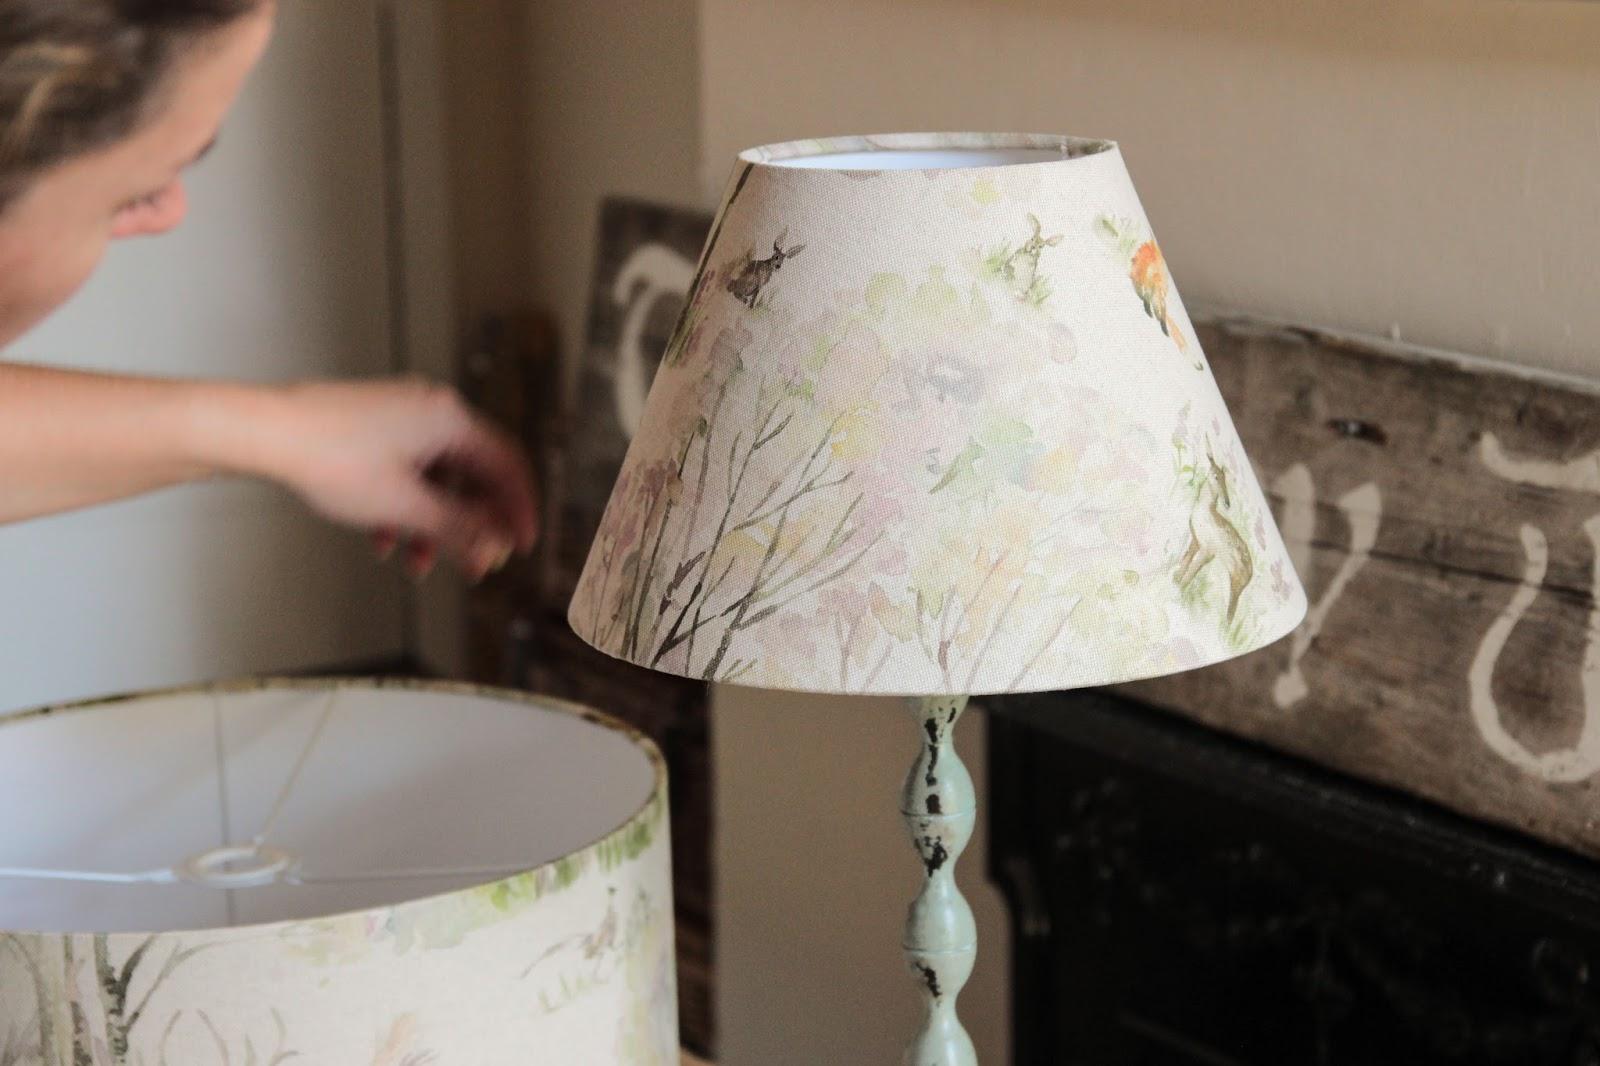 Jak zrobić abażur do lampy stojącej?